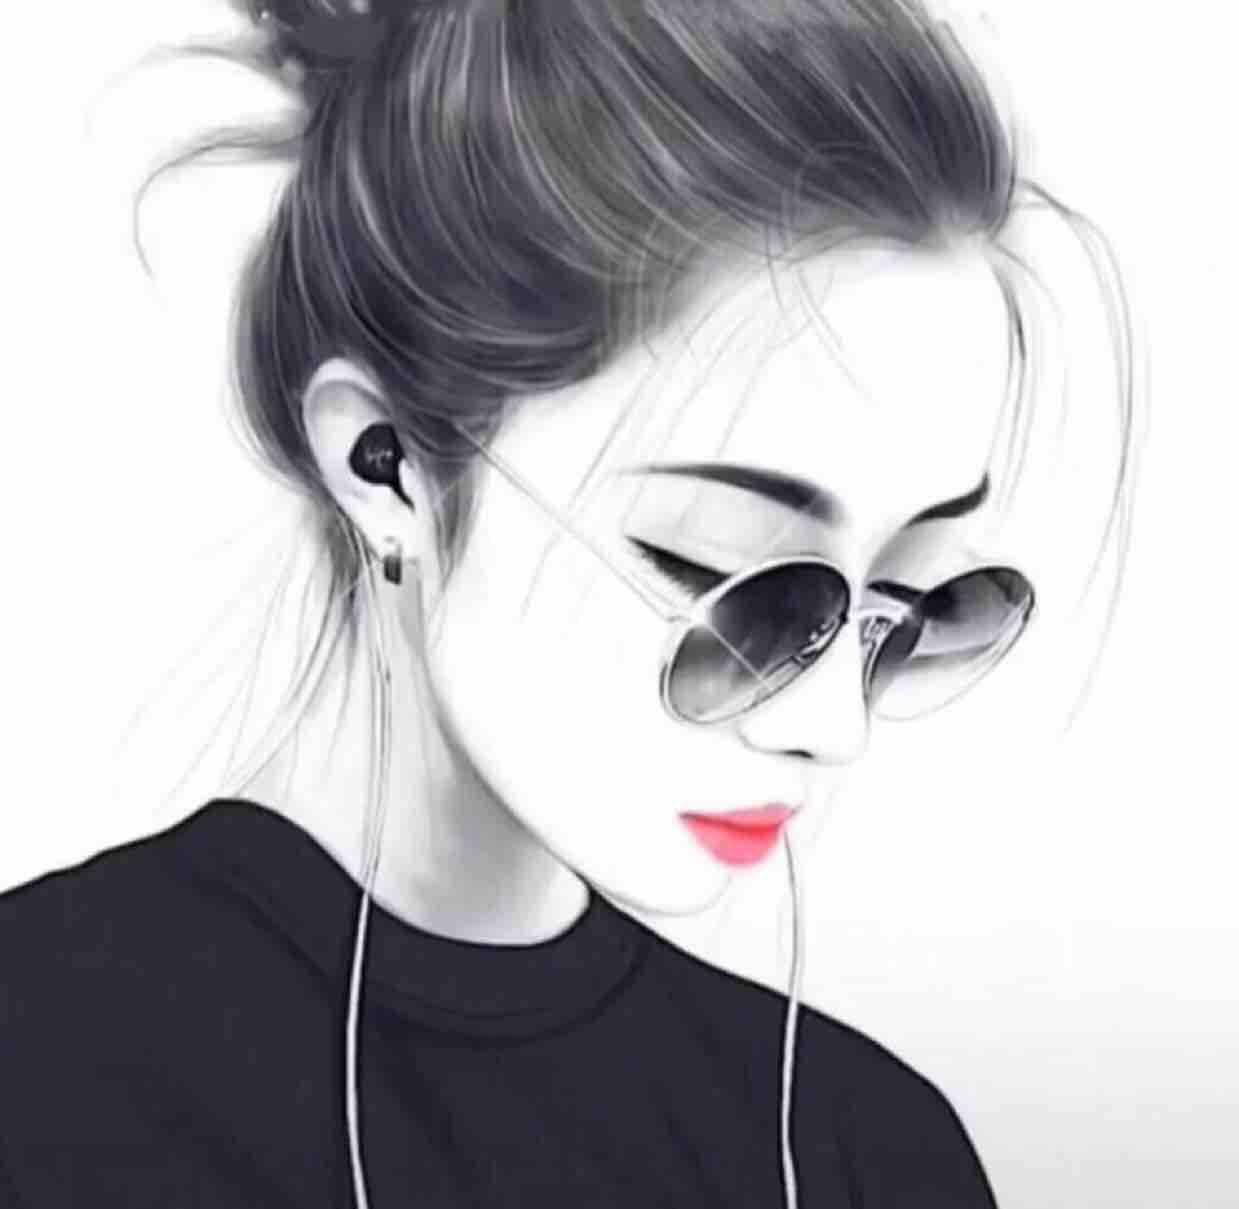 _________小胡子